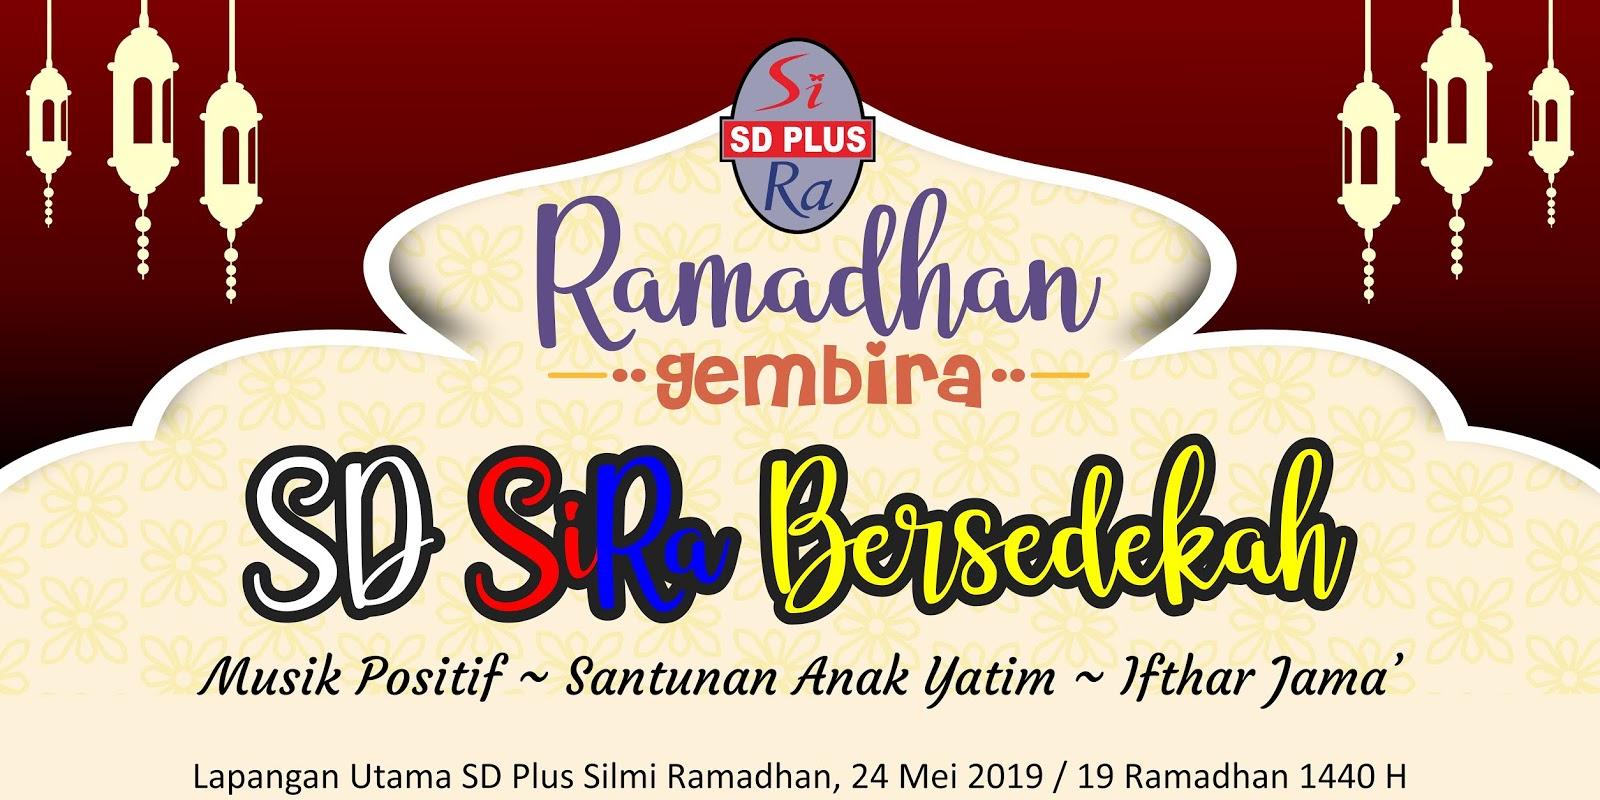 1000 Spanduk Islami Edisi Ramadhan - Idul Fitri - Agen87